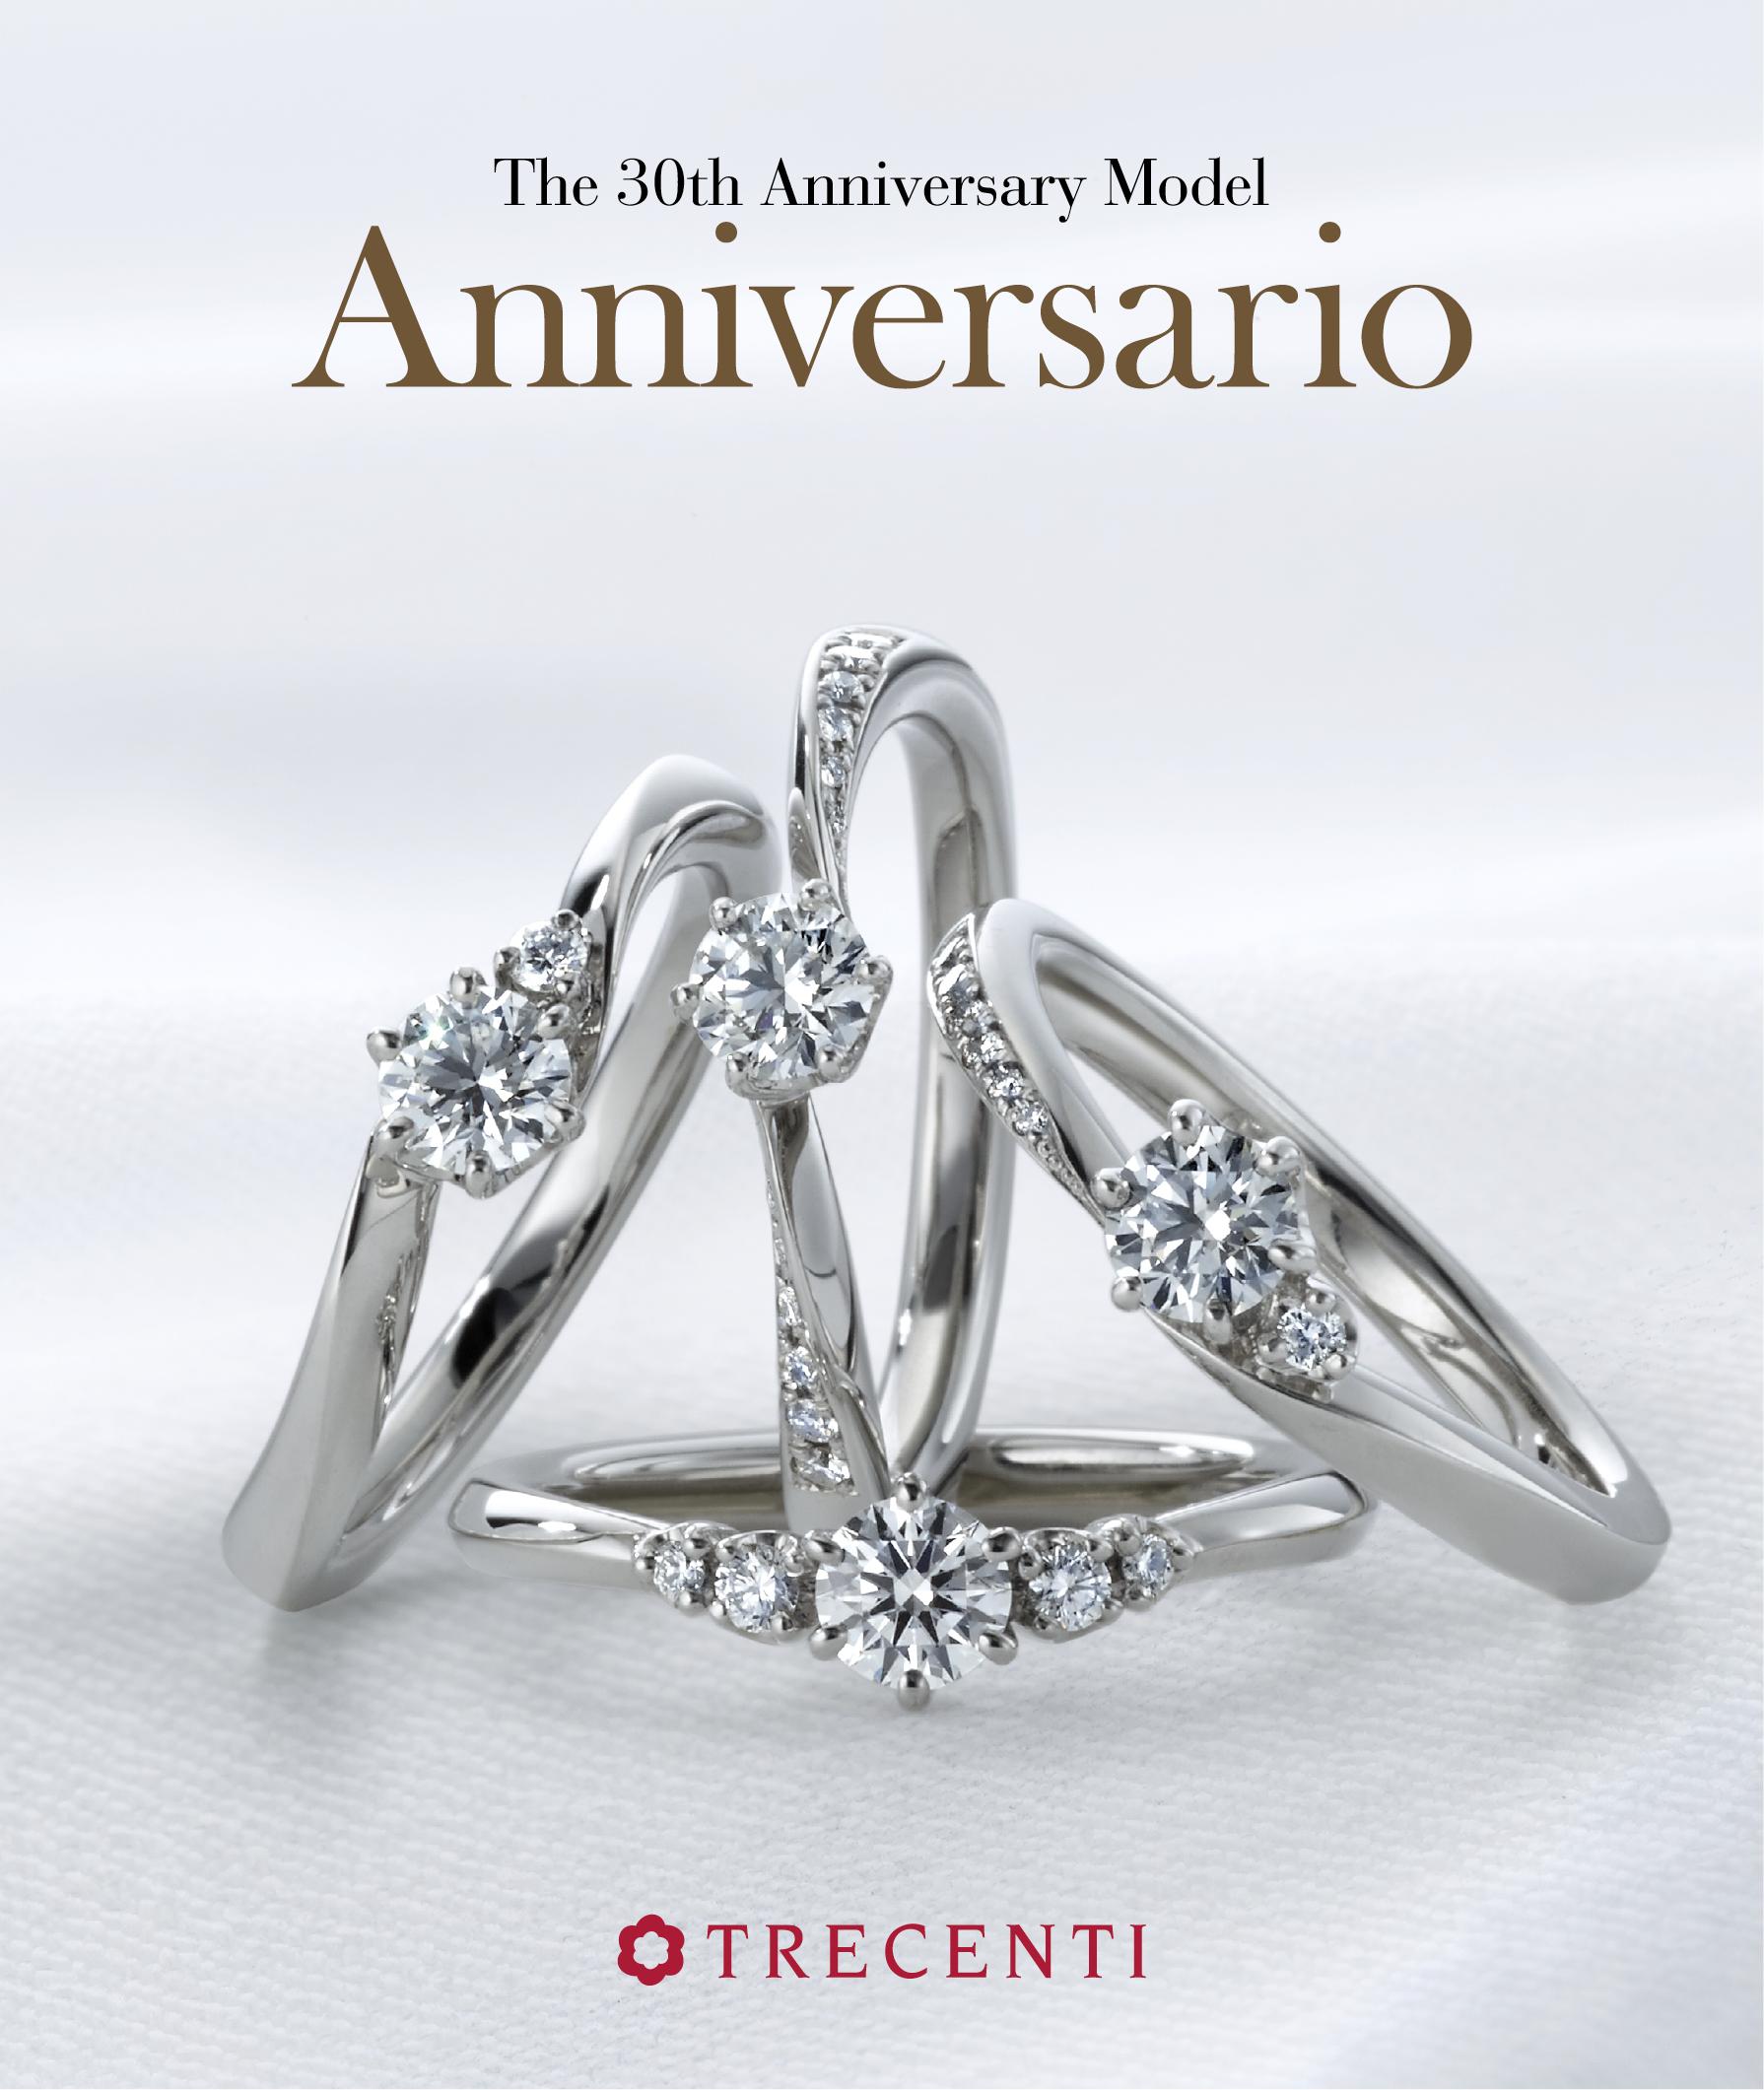 【ダイヤモンドを特別価格で】新商品発売記念June Bride Fair開催中★